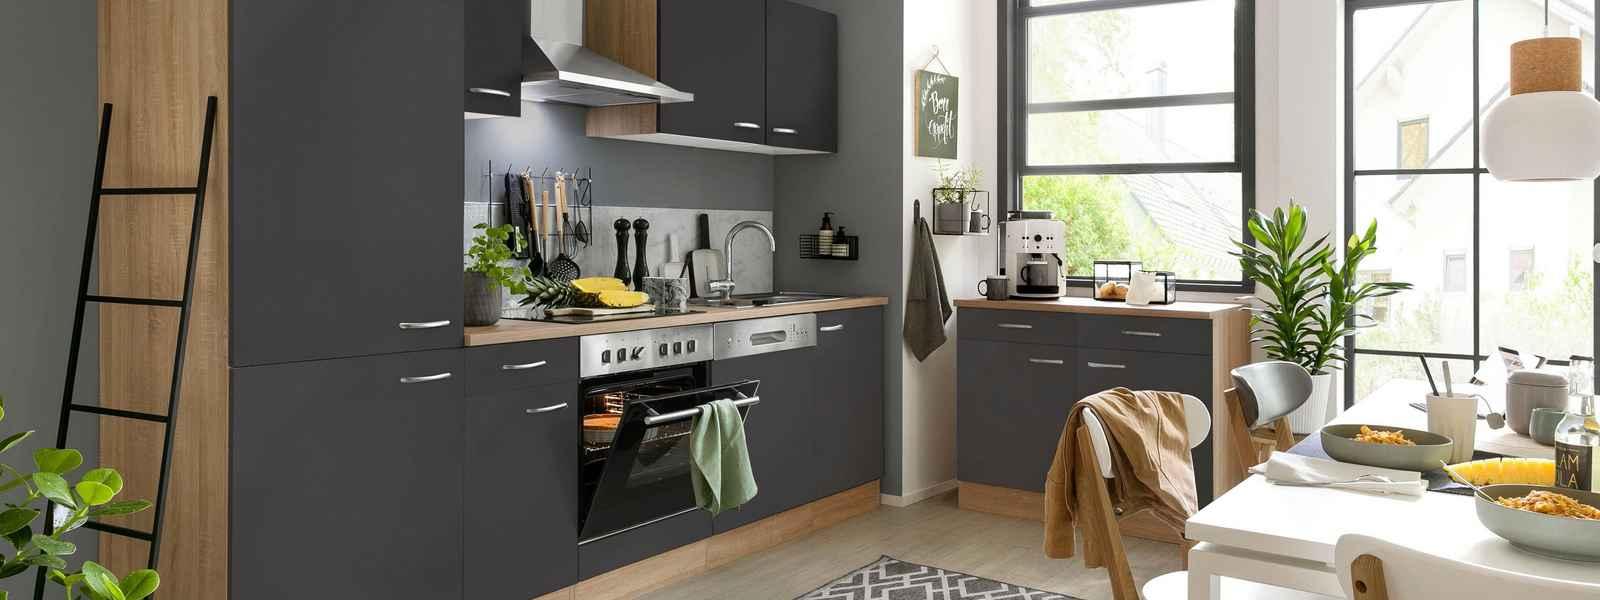 Küchenzeilen mit Geräten